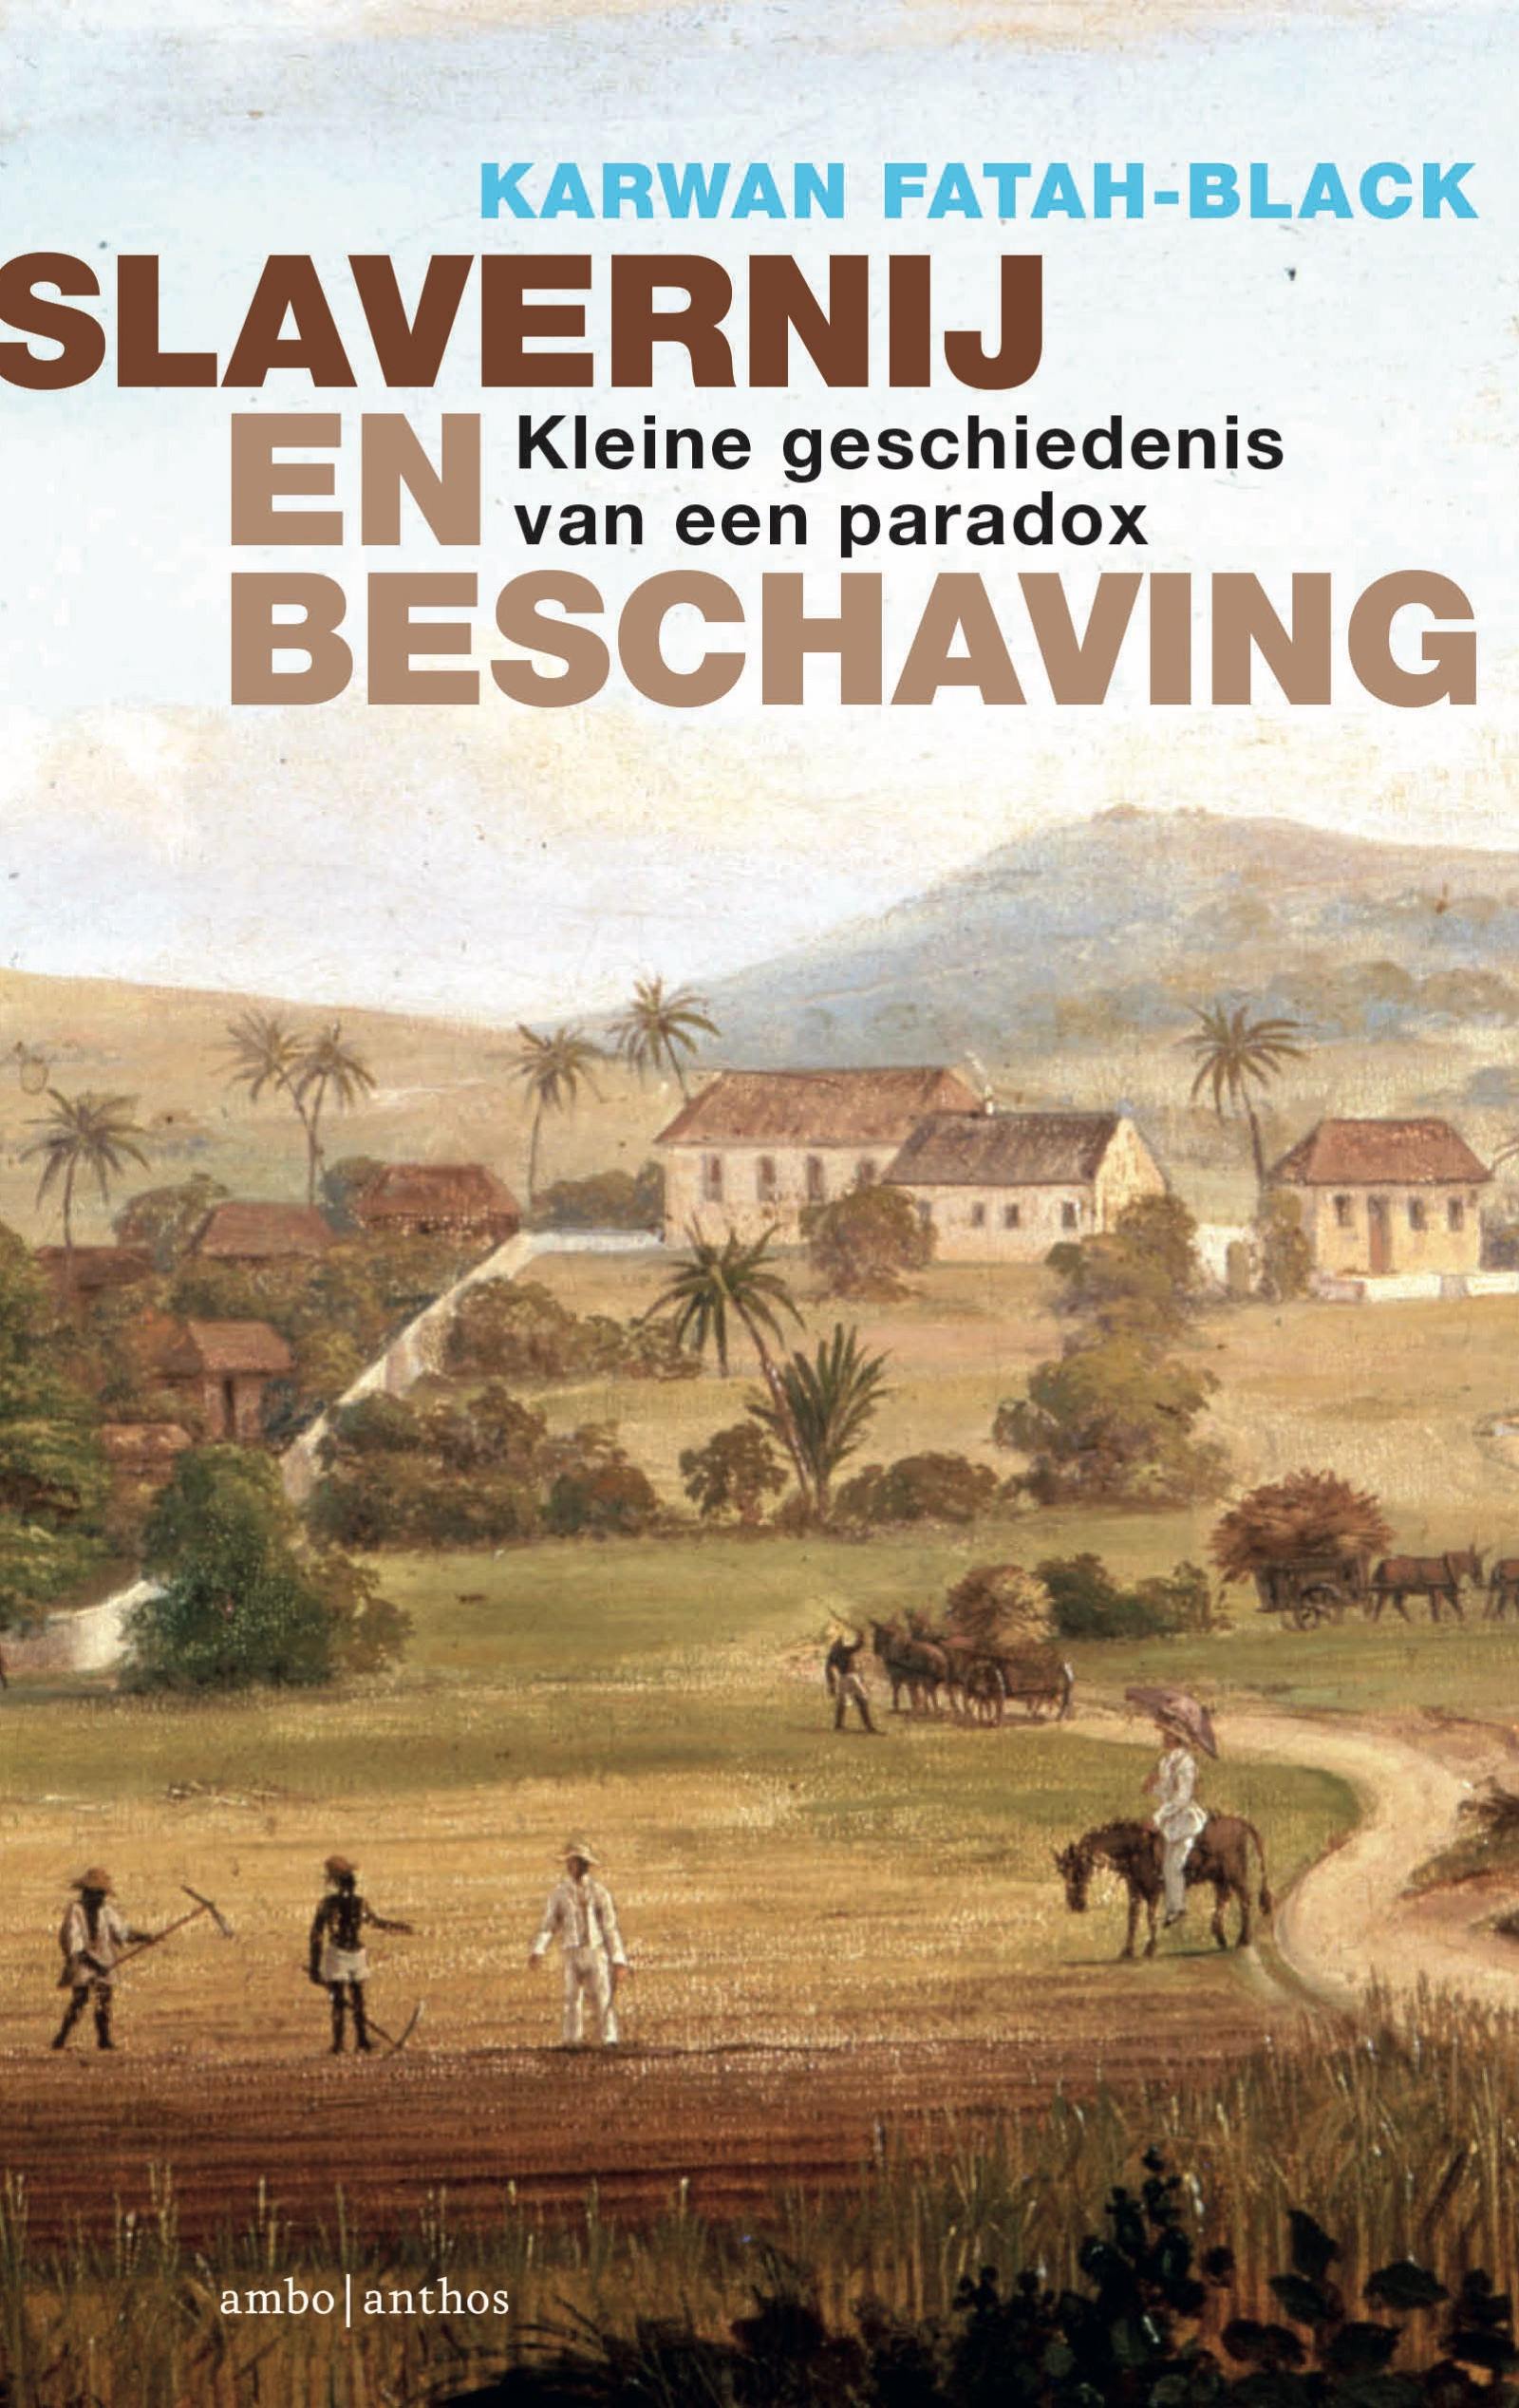 Slavernij en beschaving - boekenflits